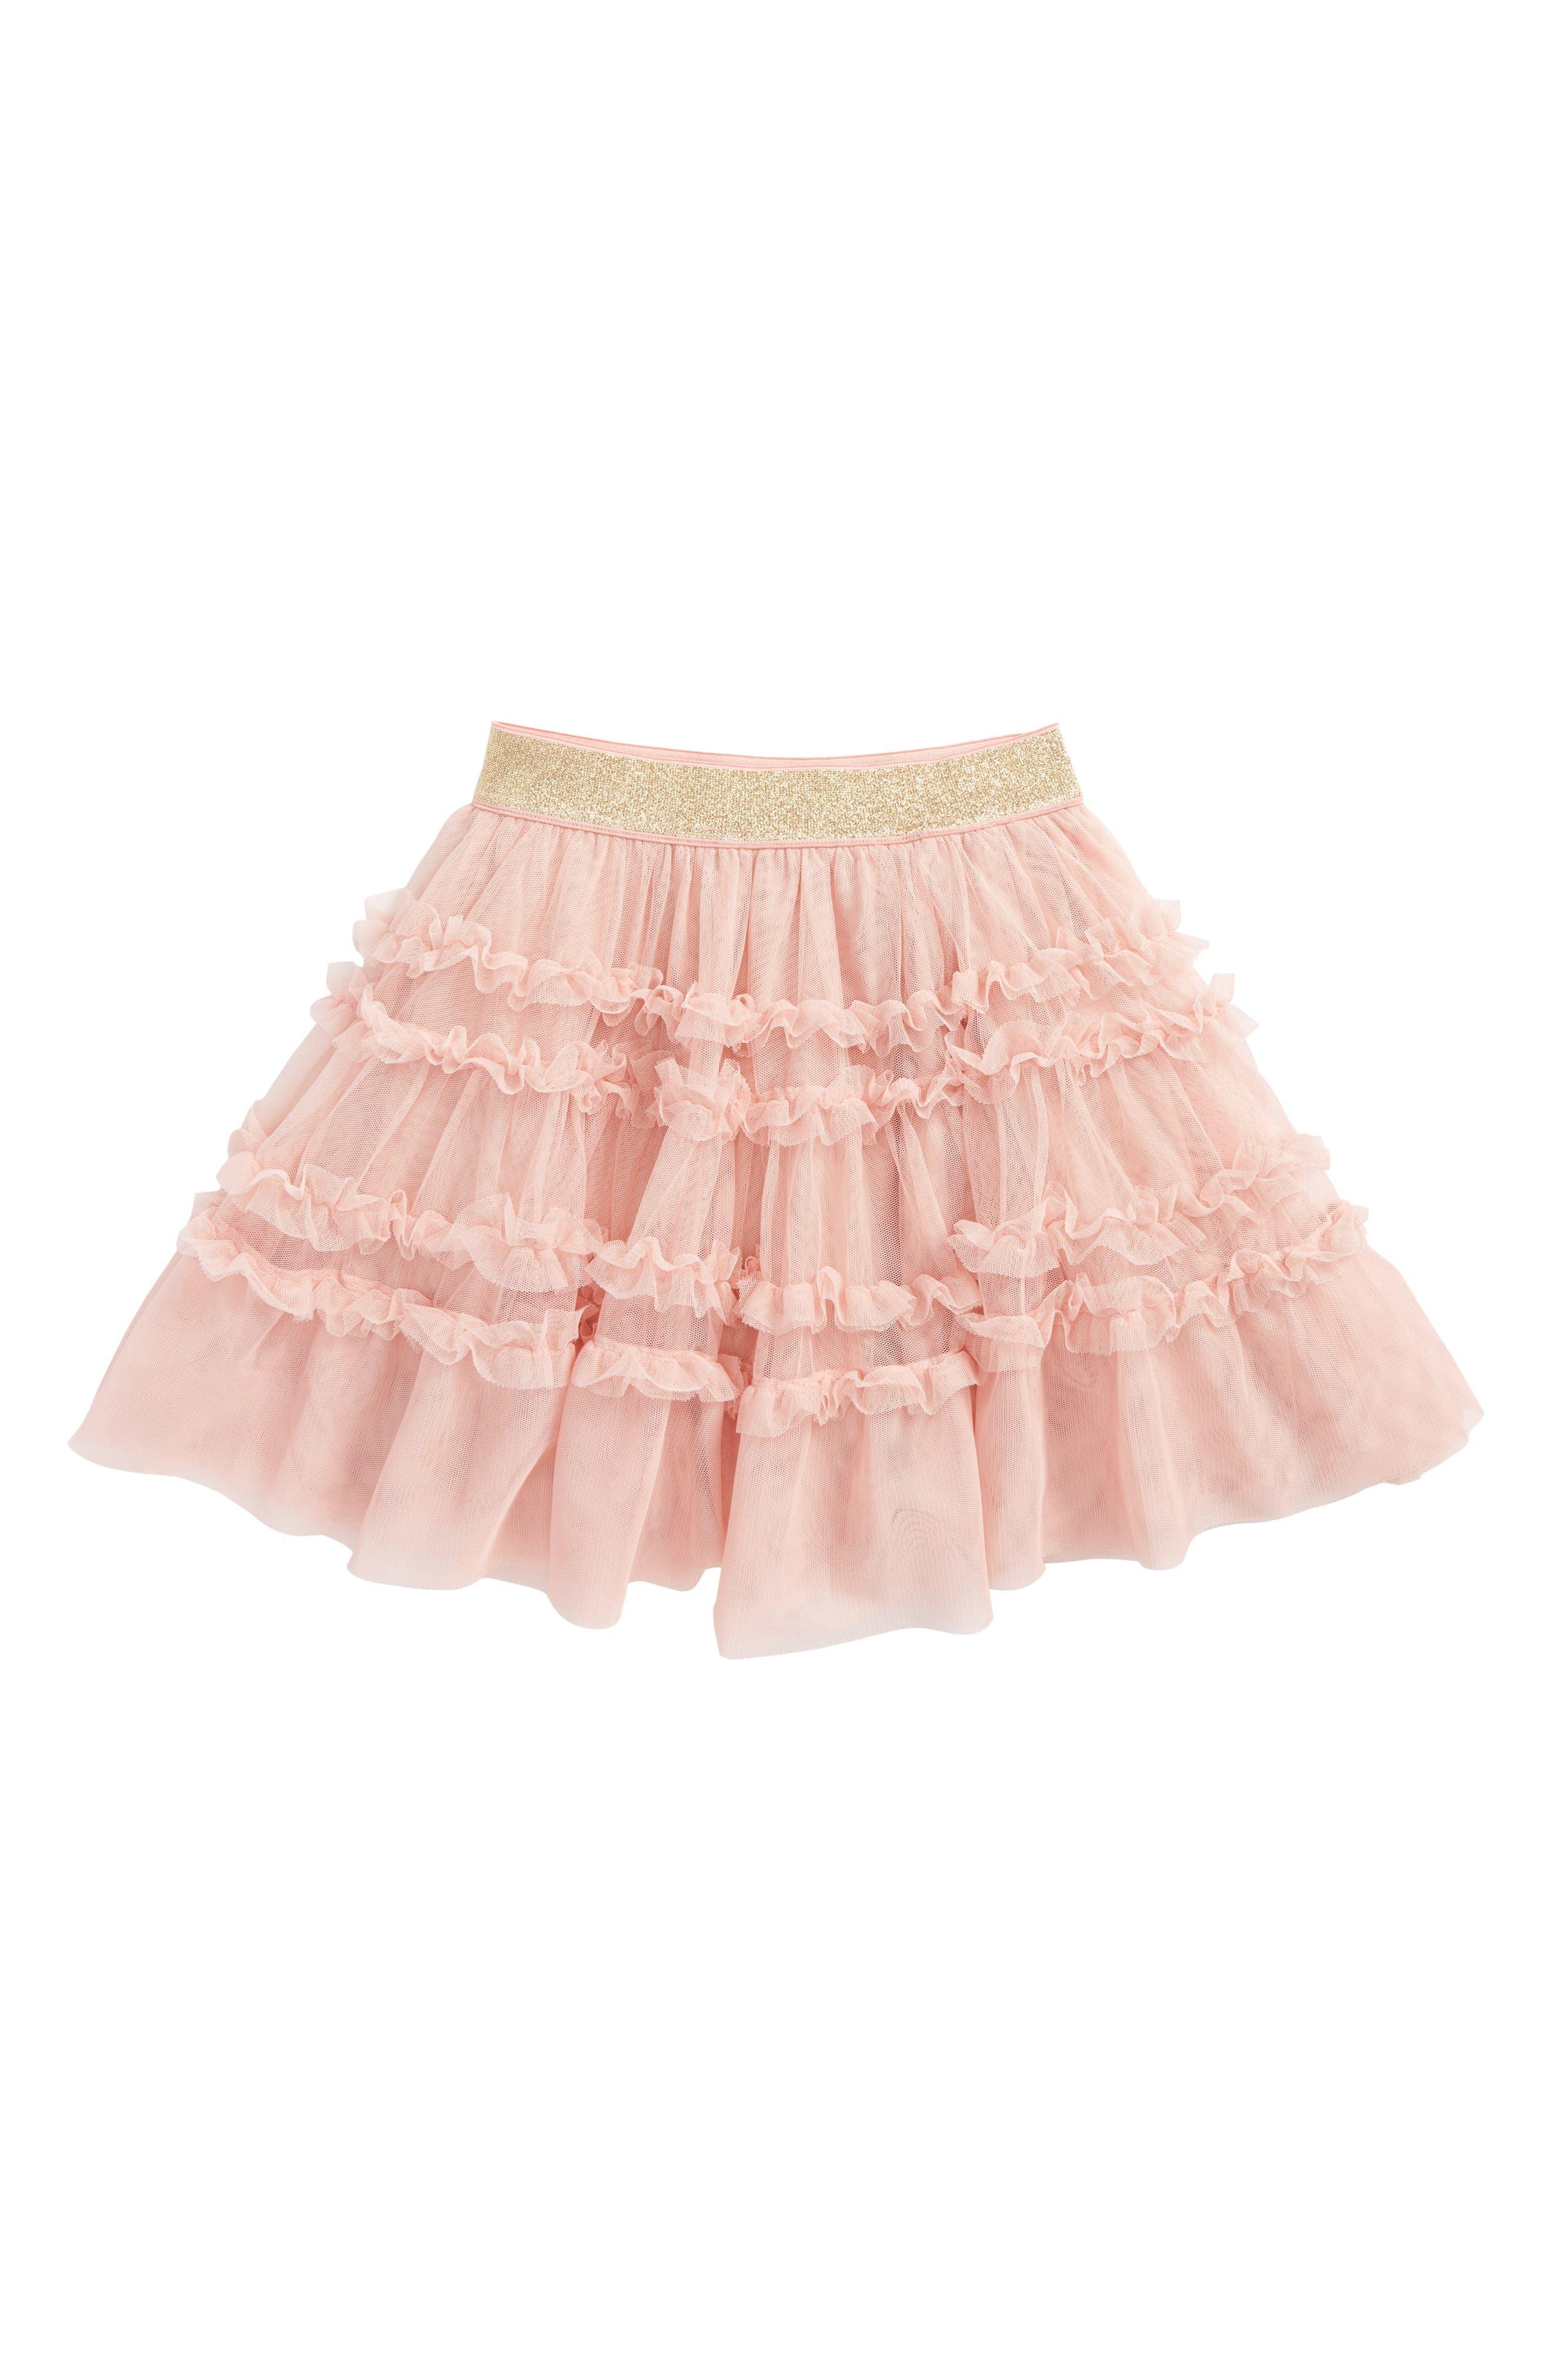 Main Image - Mini Boden Ruffle Tulle Skirt (Toddler Girls, Little Girls & Big Girls)